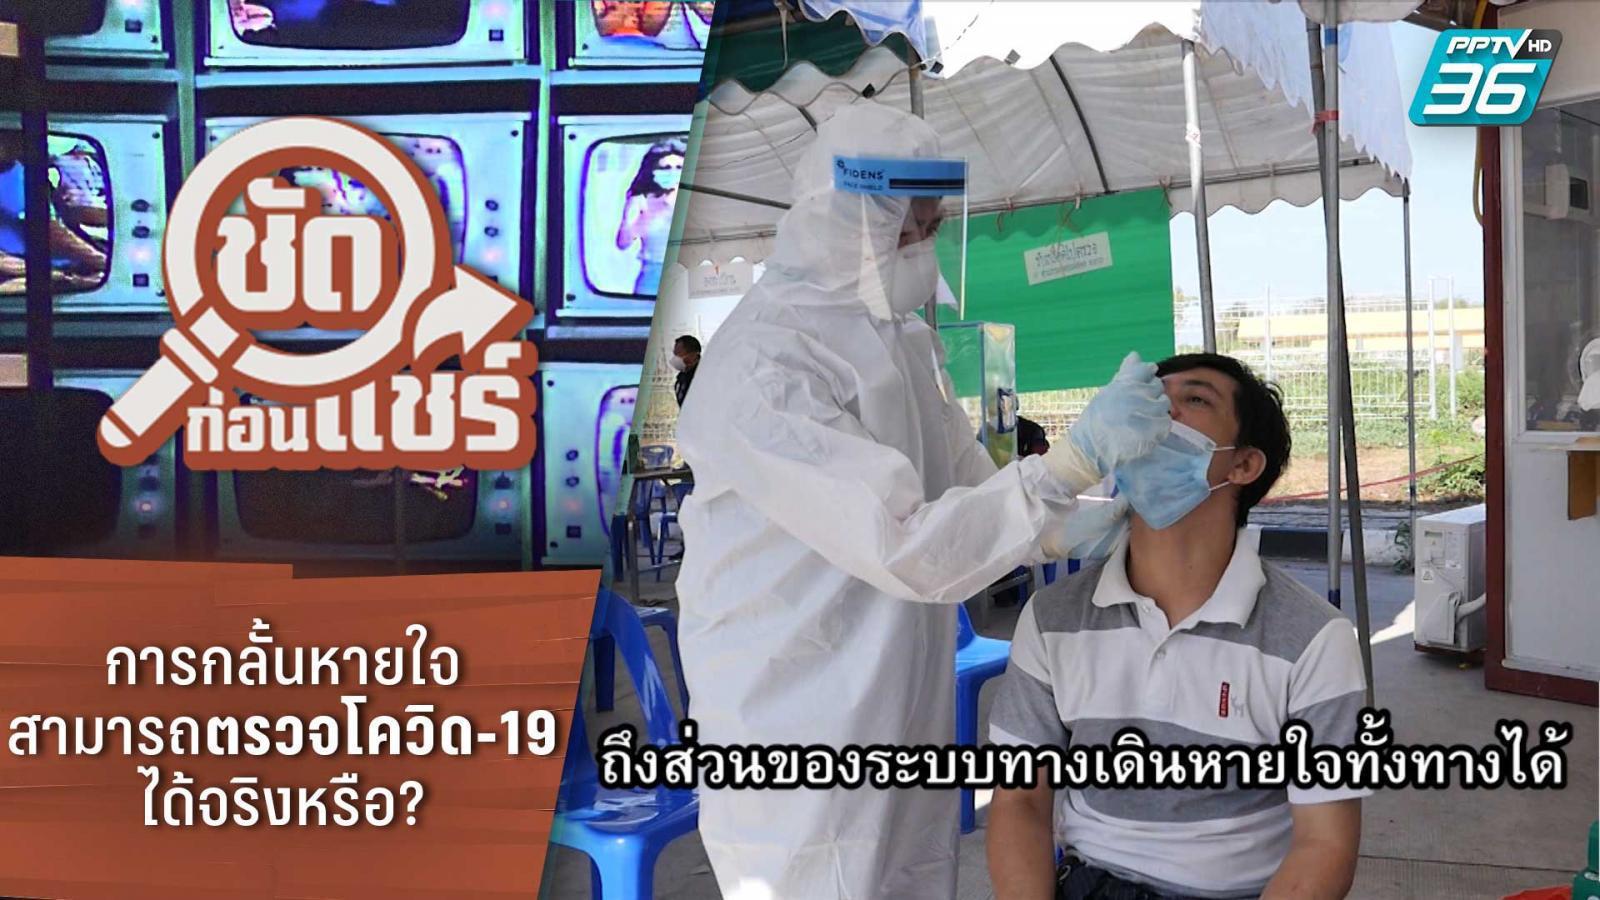 ชัดก่อนแชร์ | กลั้นหายใจสามารถตรวจโควิด-19 ได้จริงหรือ? | PPTV HD 36